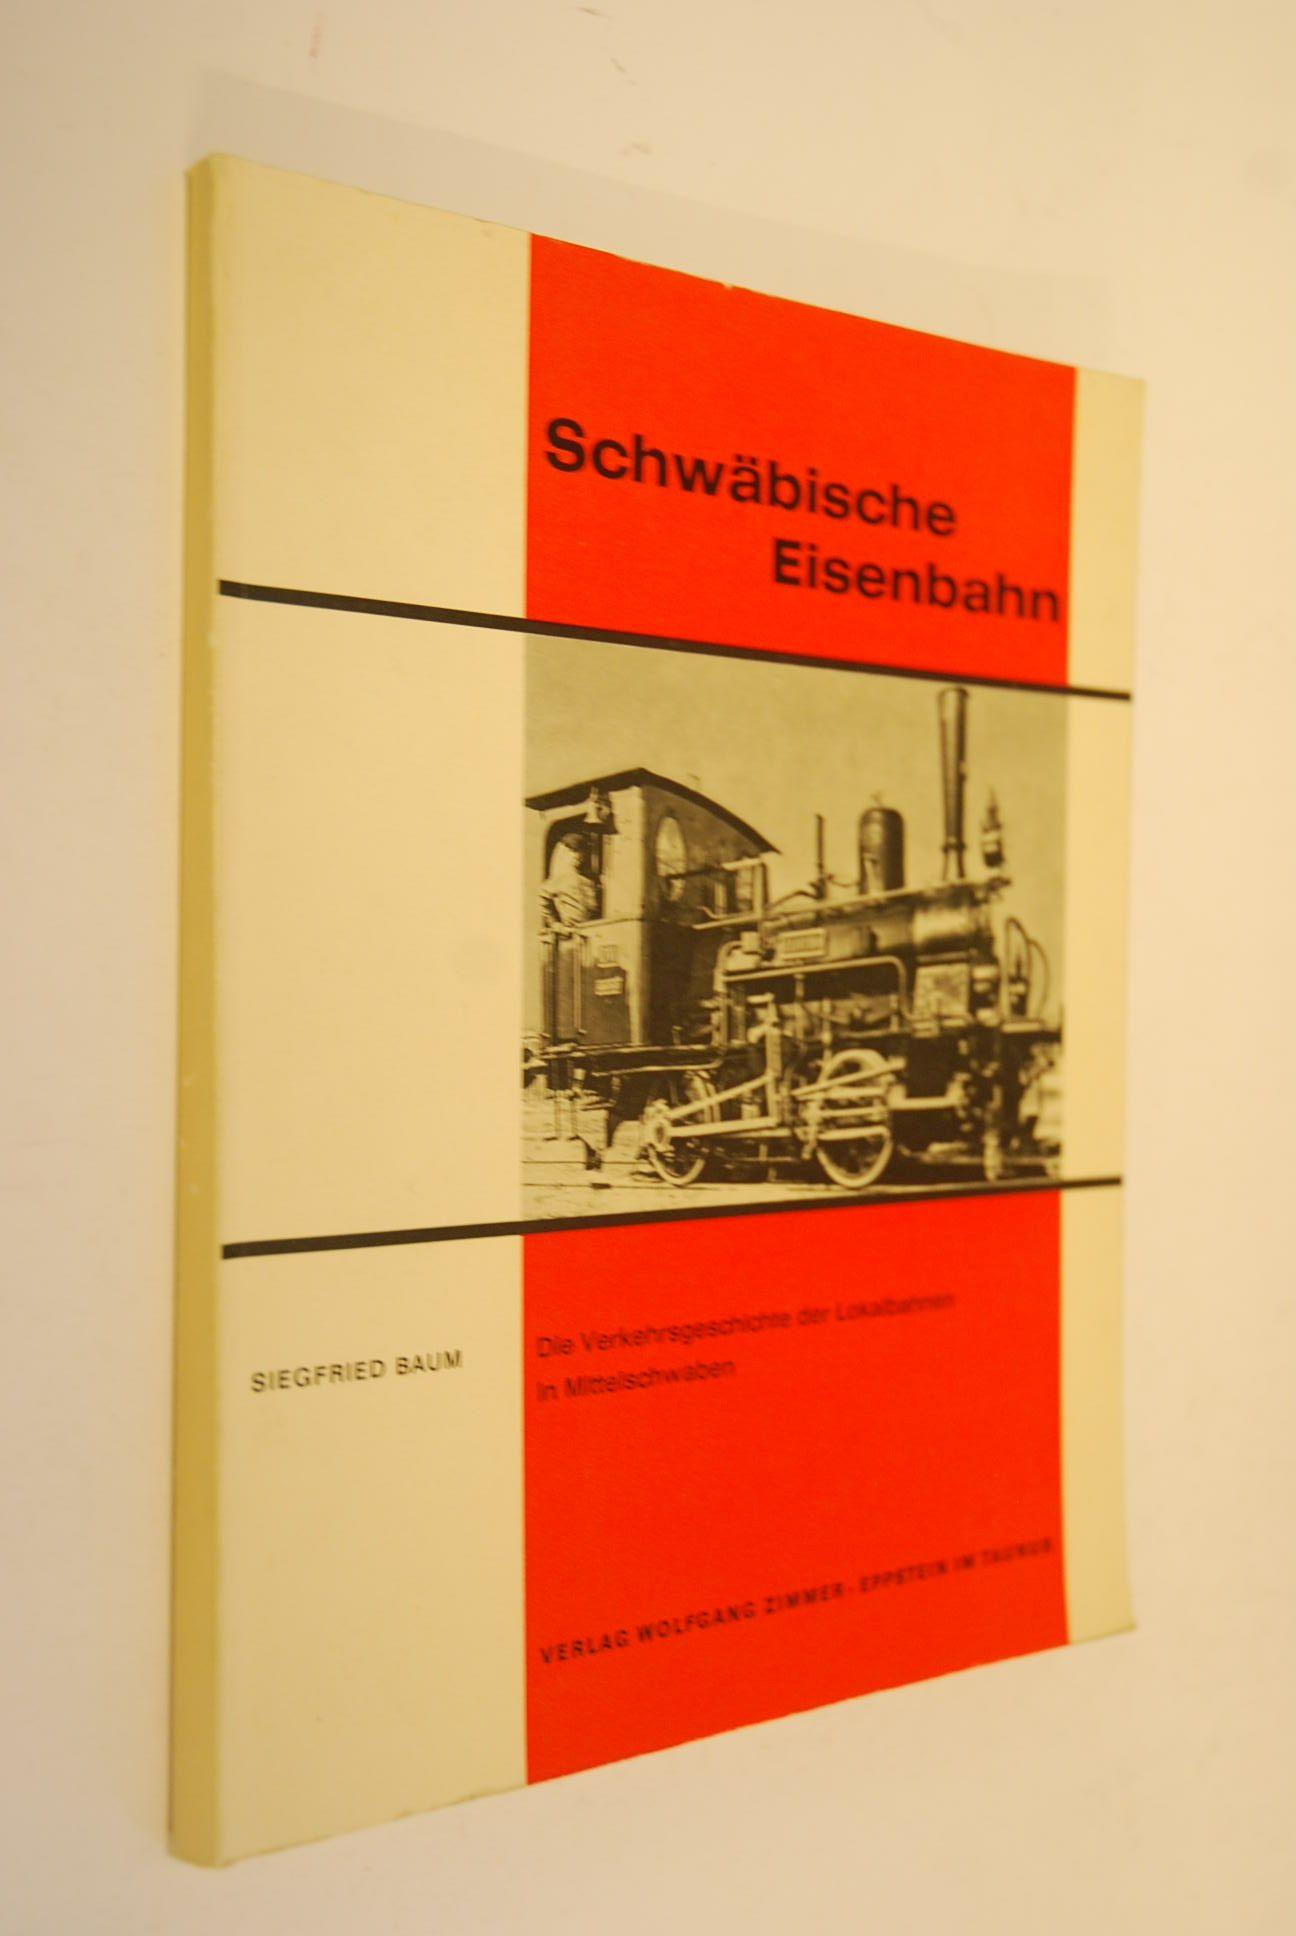 Schwäbische Eisenbahn. Die Verkehrsgeschichte der Lokalbahnen in: Baum, Siegfried: